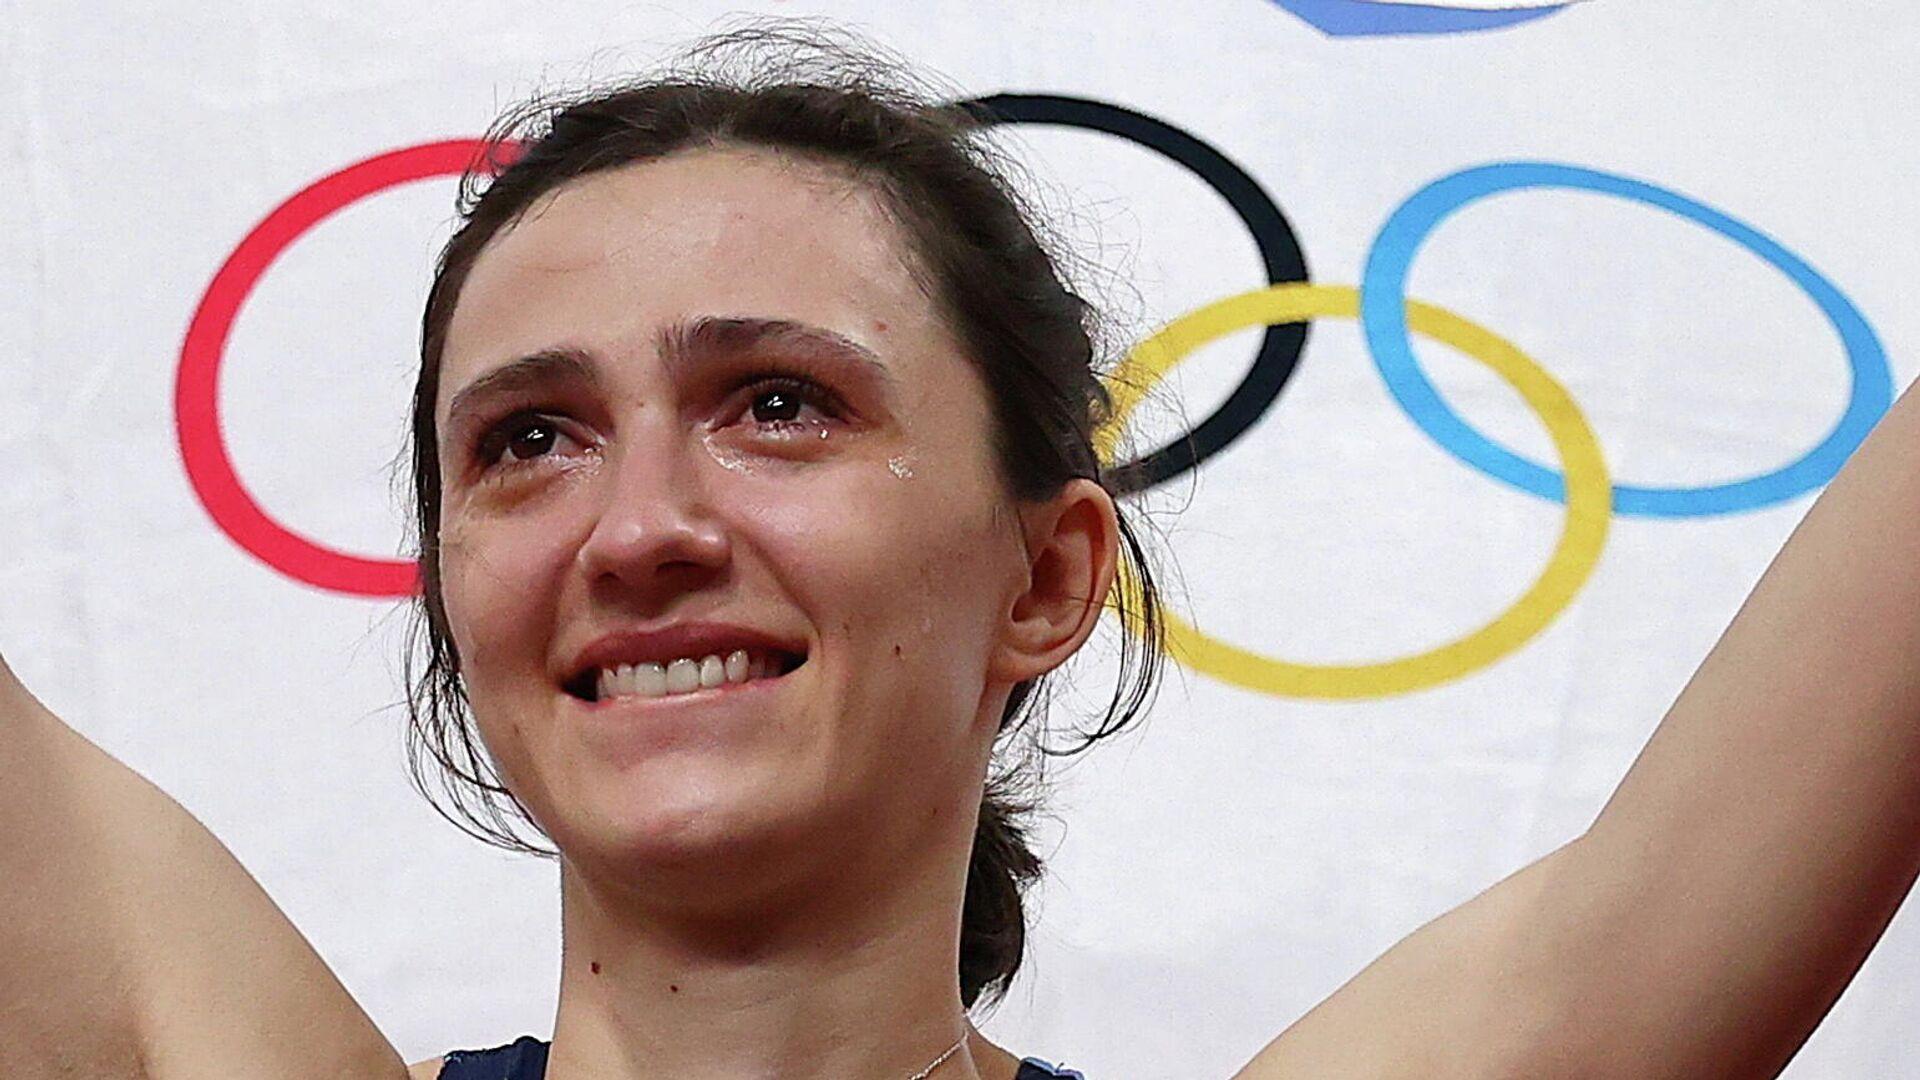 Олимпийская чемпионка по прыжкам в высоту Мария Ласицкене - РИА Новости, 1920, 11.08.2021